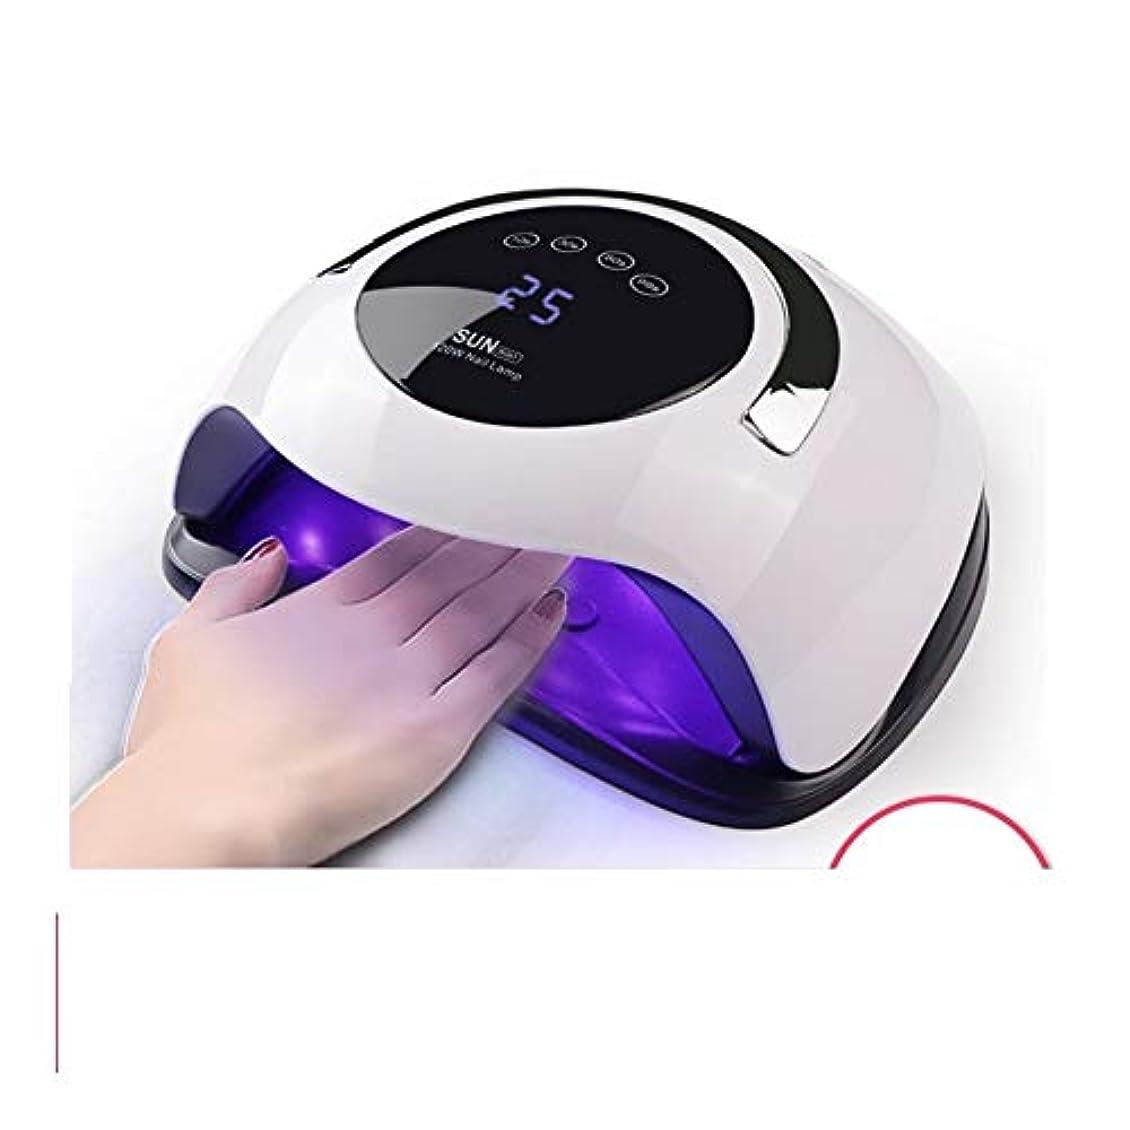 グラマー所有者メールLittleCat 120Wライトセラピー機ドライヤーBQ5Tスマートセンサプラスチックネイルポリッシュ光線療法ライト光線療法ライトローストツール (色 : American standard flat plug)